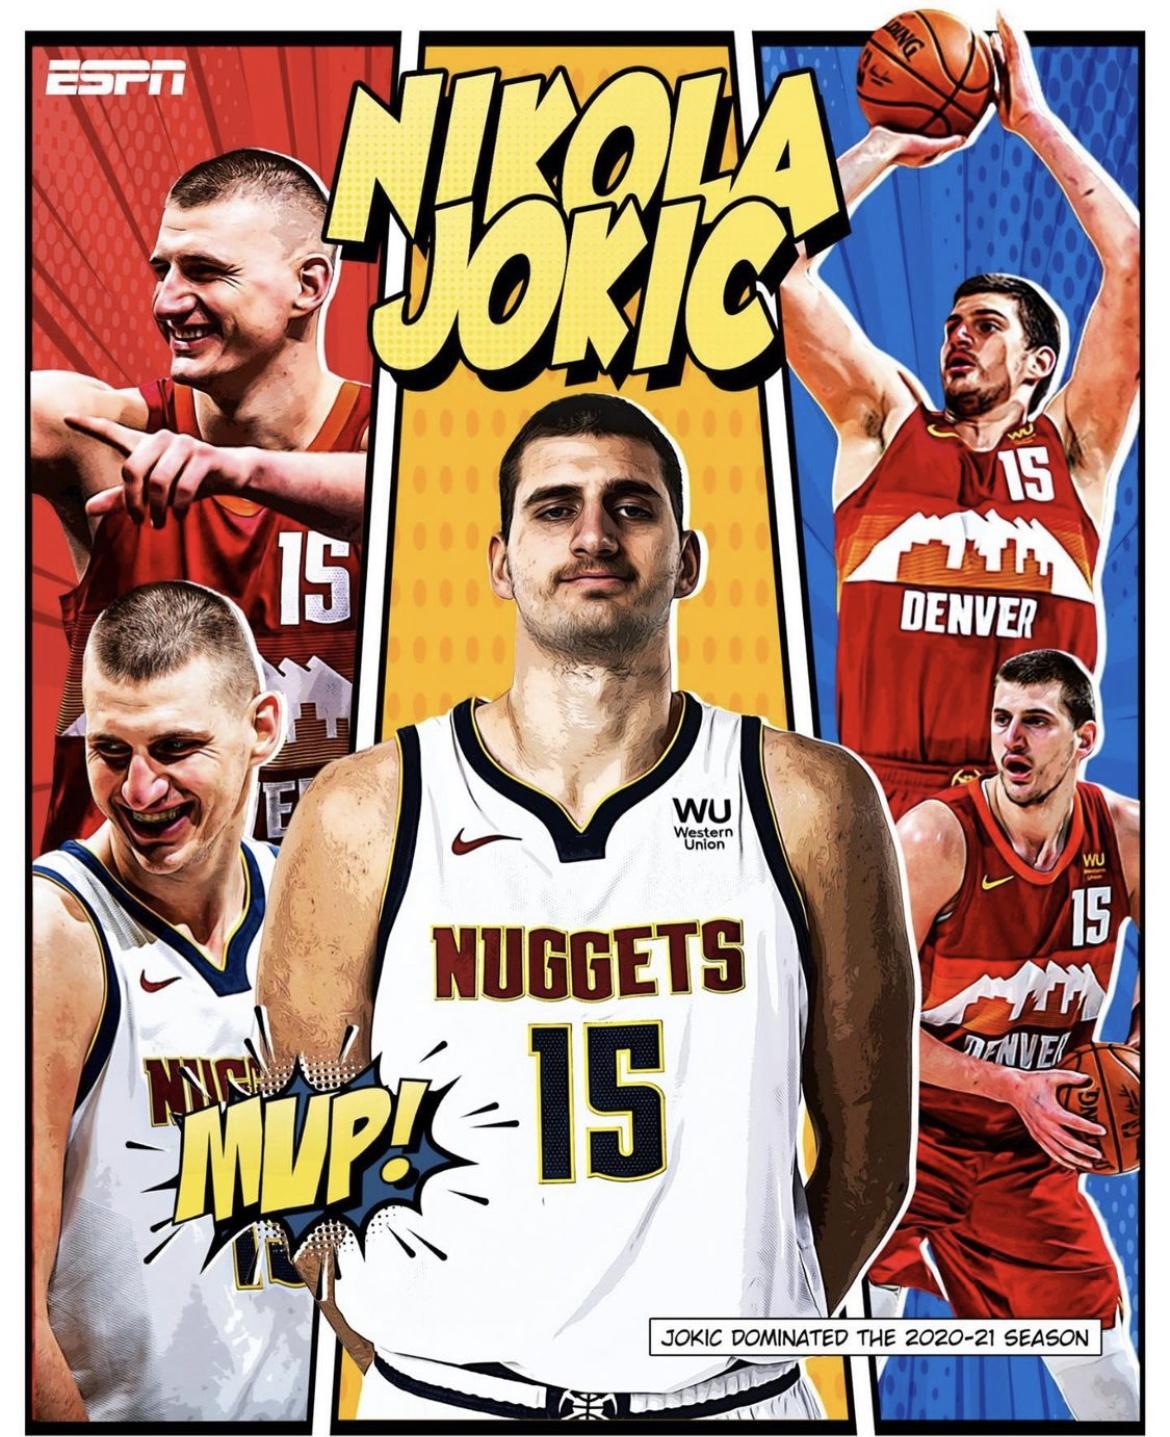 恭喜 Nikola Jokic拿下2021賽季年度MVP!成為NBA歷史上選秀順位最低的MVP,實至名歸的榮耀。